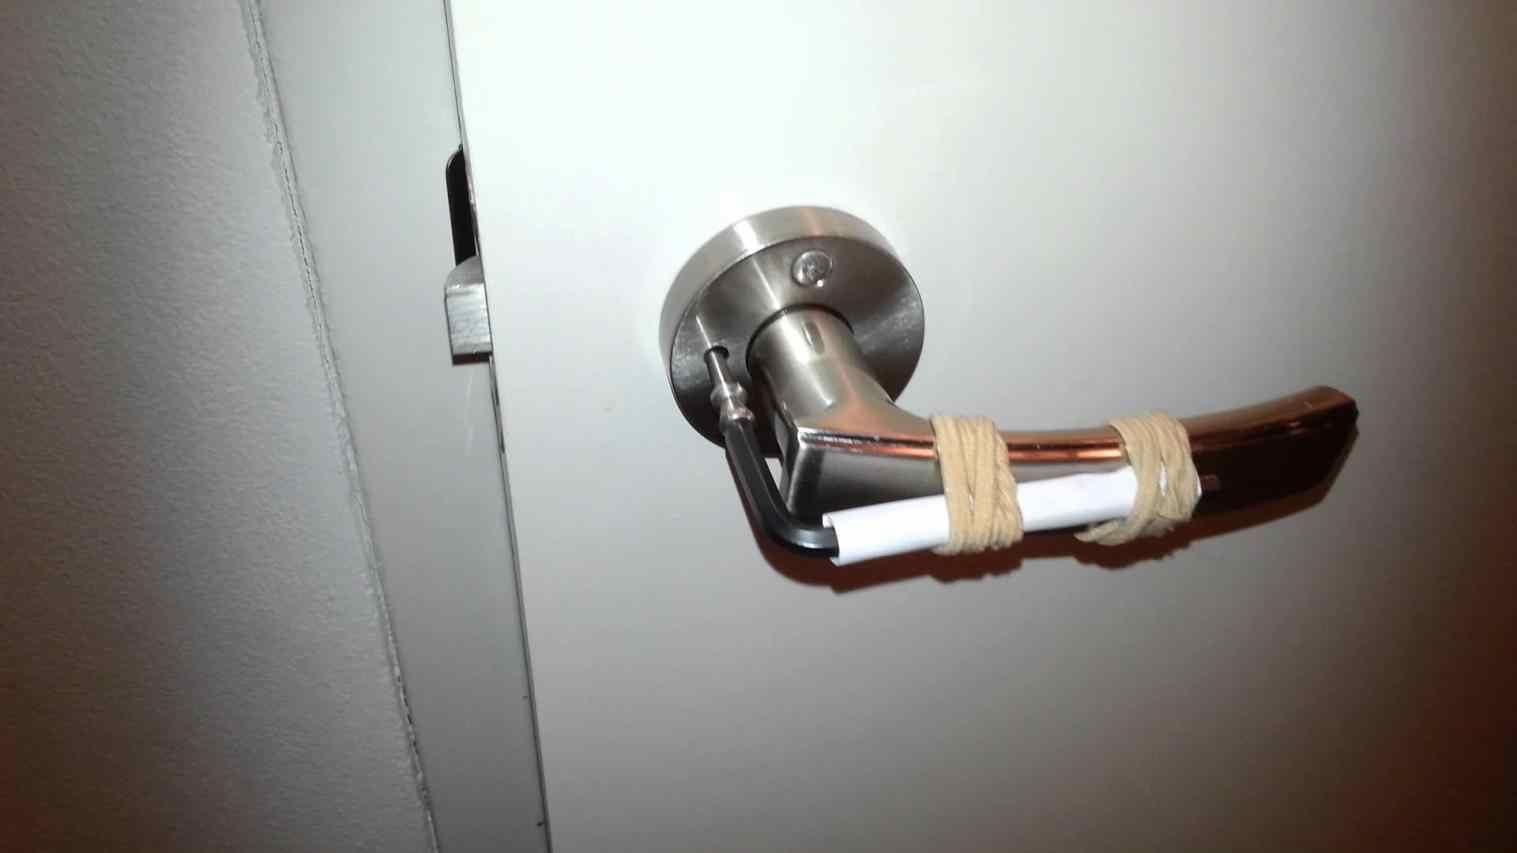 Outdoor Door Locks With Images Interior Design Bedroom Small Interior Design Bedroom Interior Decoration Bedroom